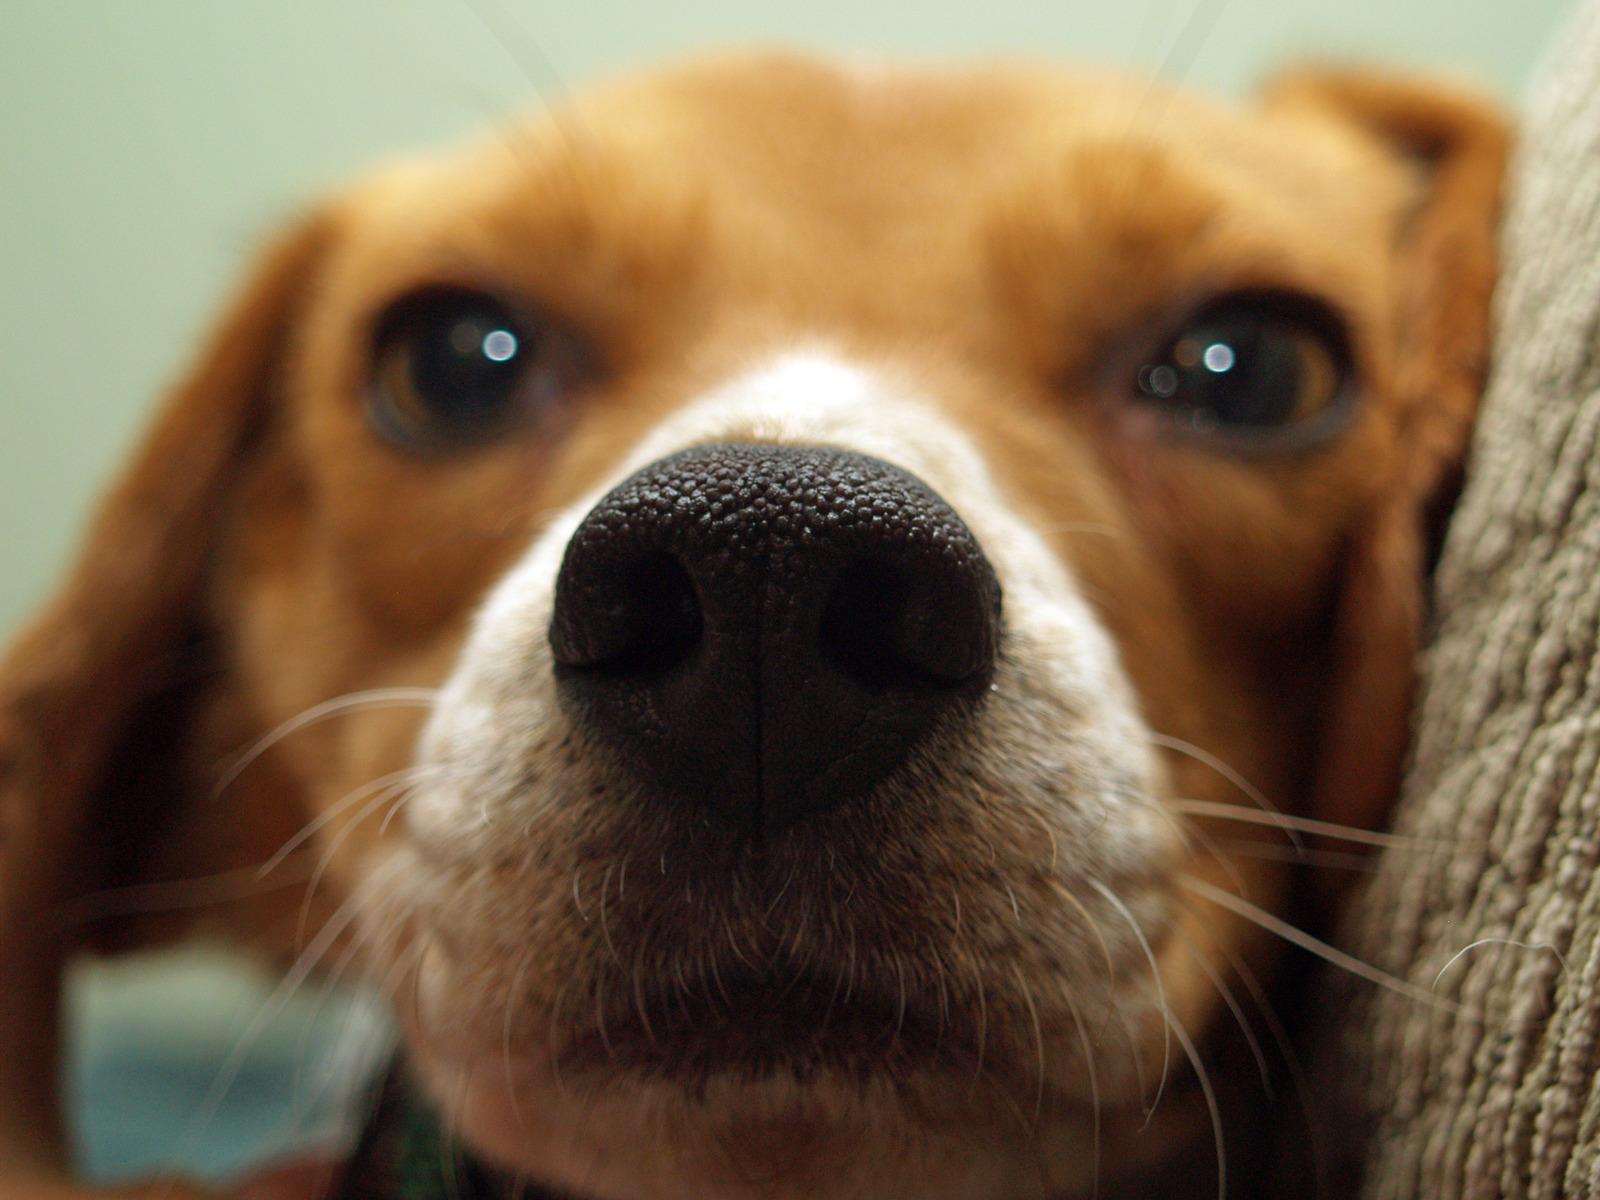 https://i1.wp.com/www.northshoredailypost.com/wp-content/uploads/2019/06/beagle.jpg?fit=1600%2C1200&ssl=1